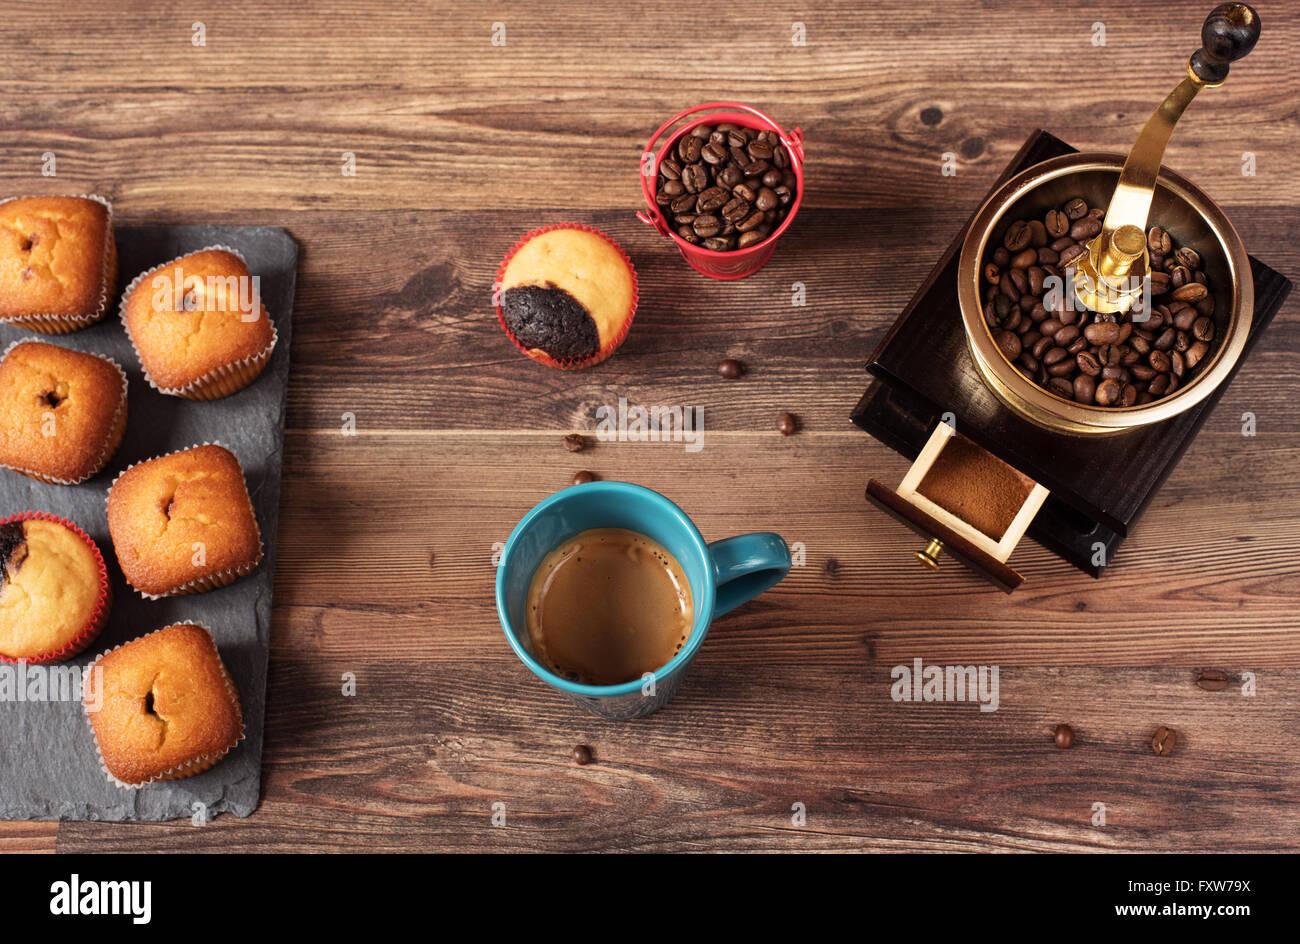 Retro moulin à café, moulin à café, tasse à café, muffins au chocolat, cupcake, les Photo Stock